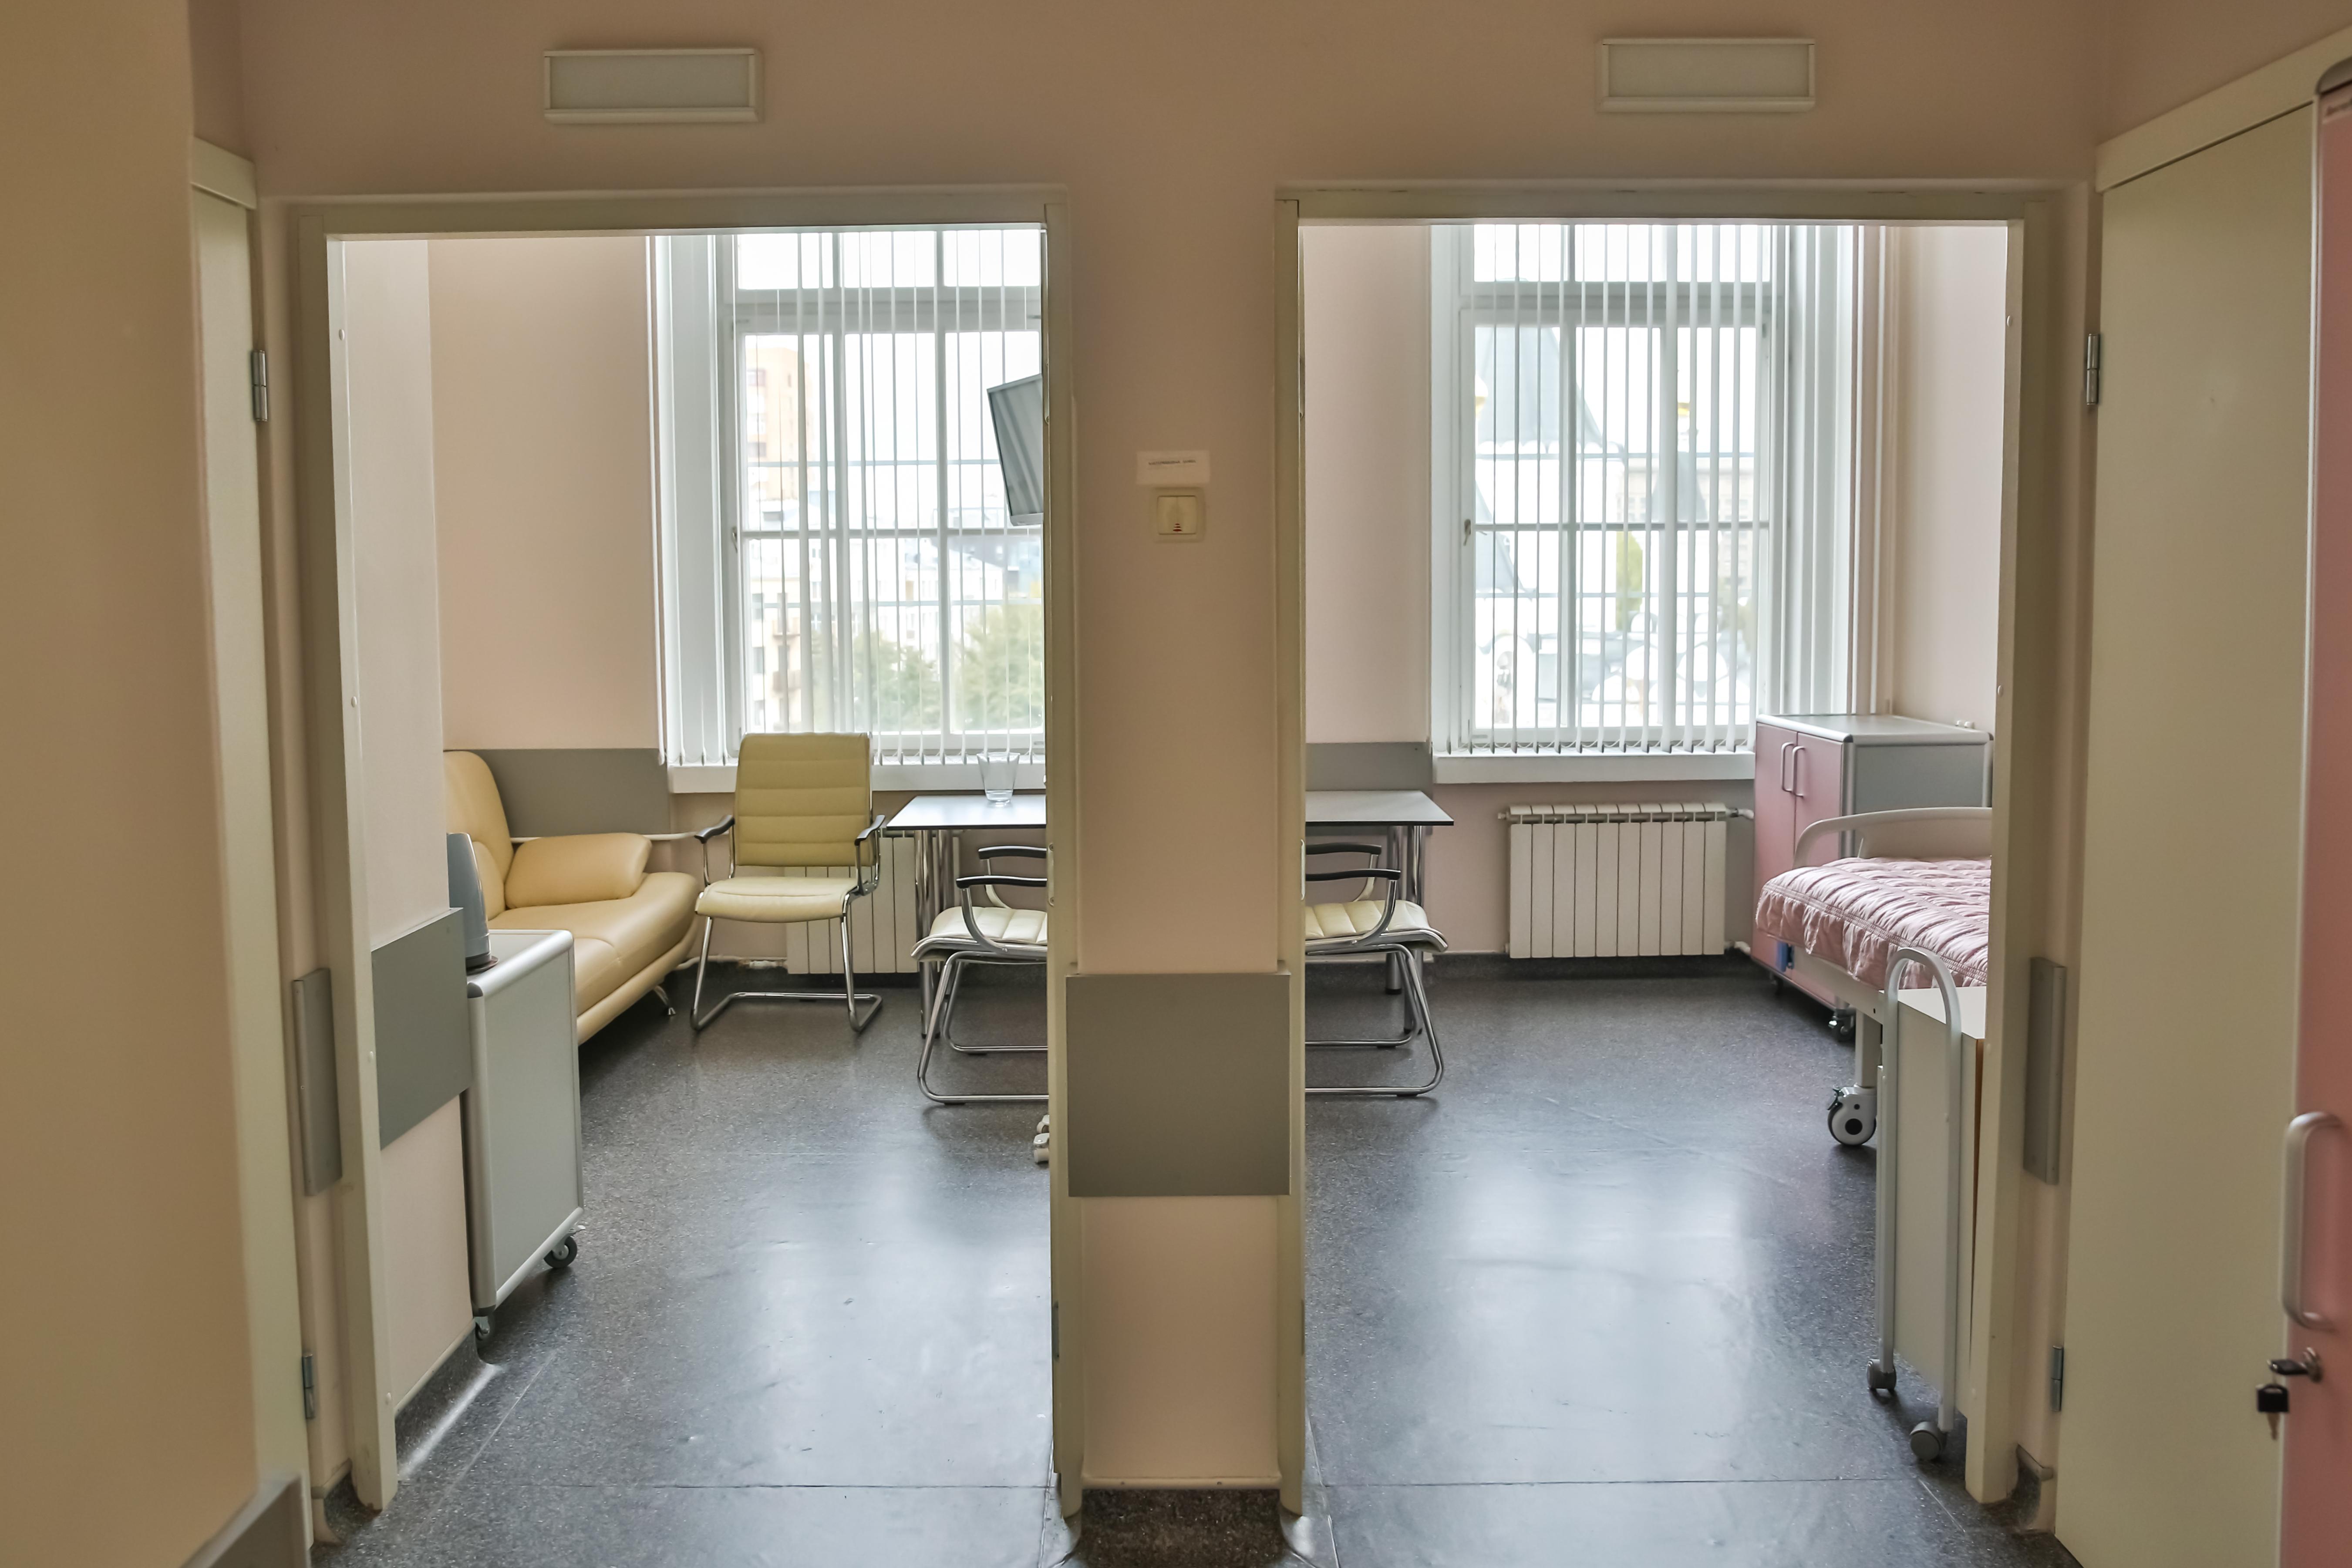 Отделение патологии 2-х комнатная дородовая палата